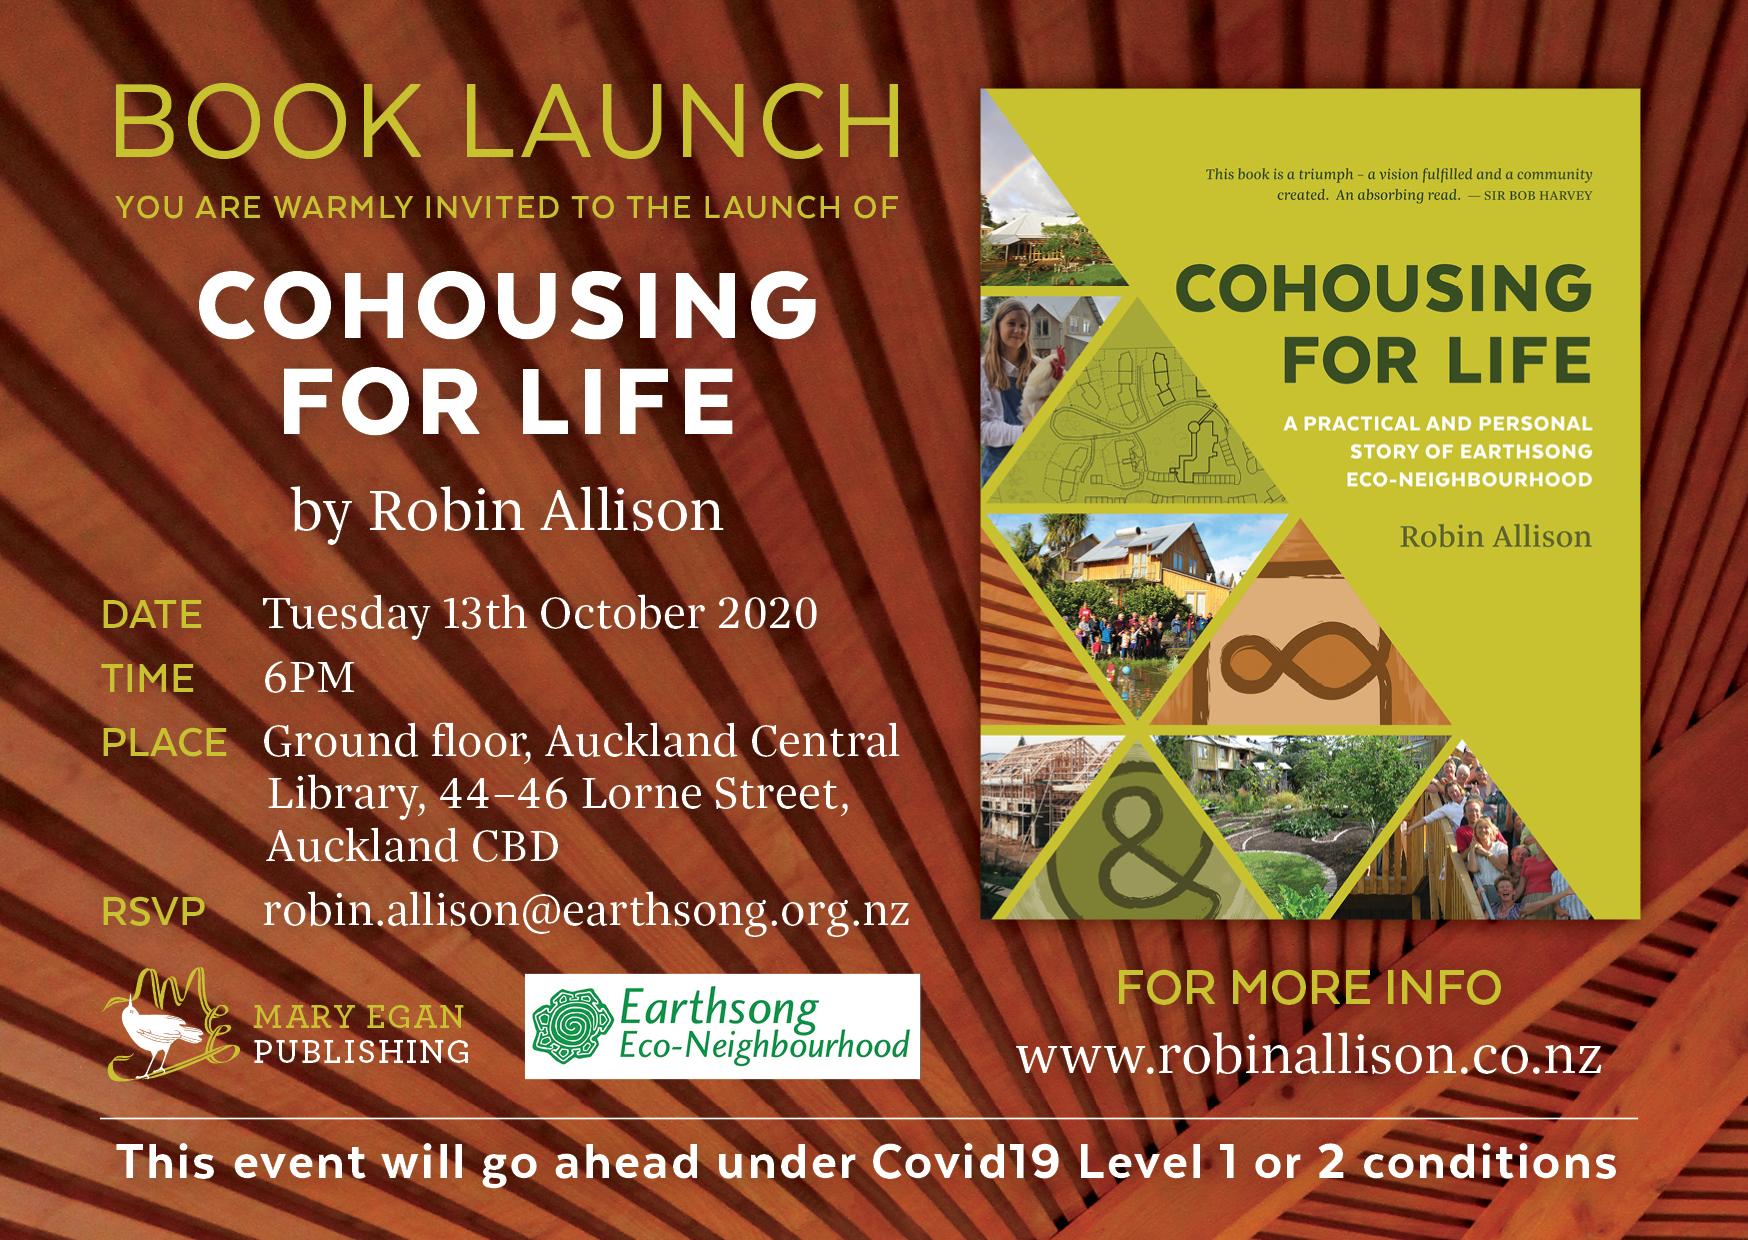 Re-scheduled book launch next week!